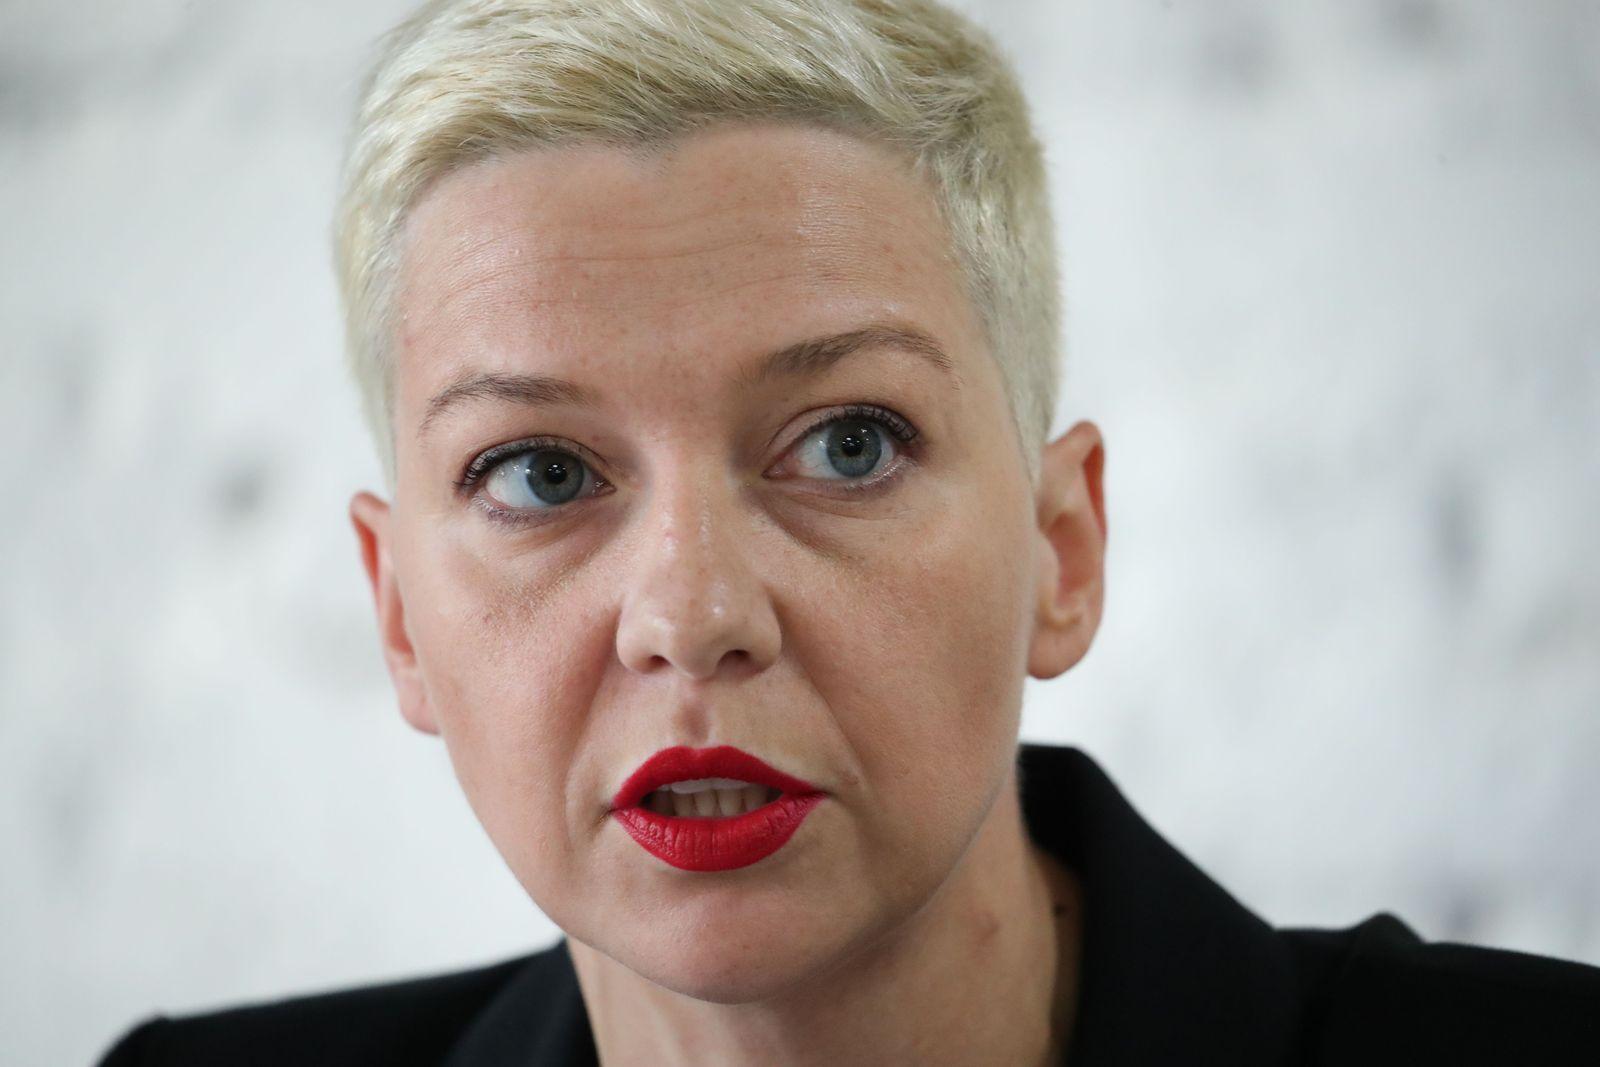 Belarus opposition member Maria Kolesnikova presser in Minsk - 11 Aug 2020